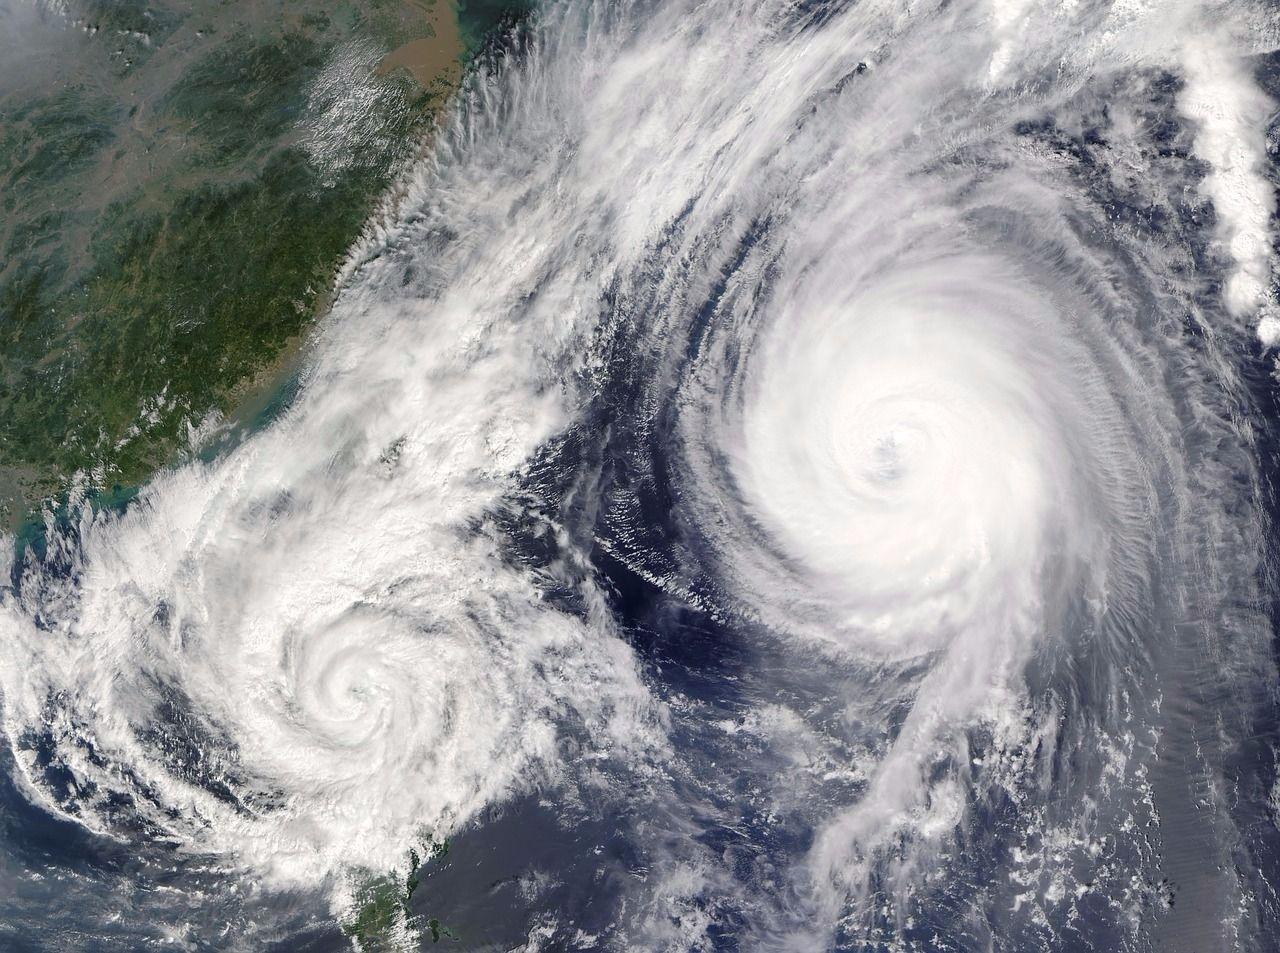 台風が発生接近するとページビューが増える不動産会社